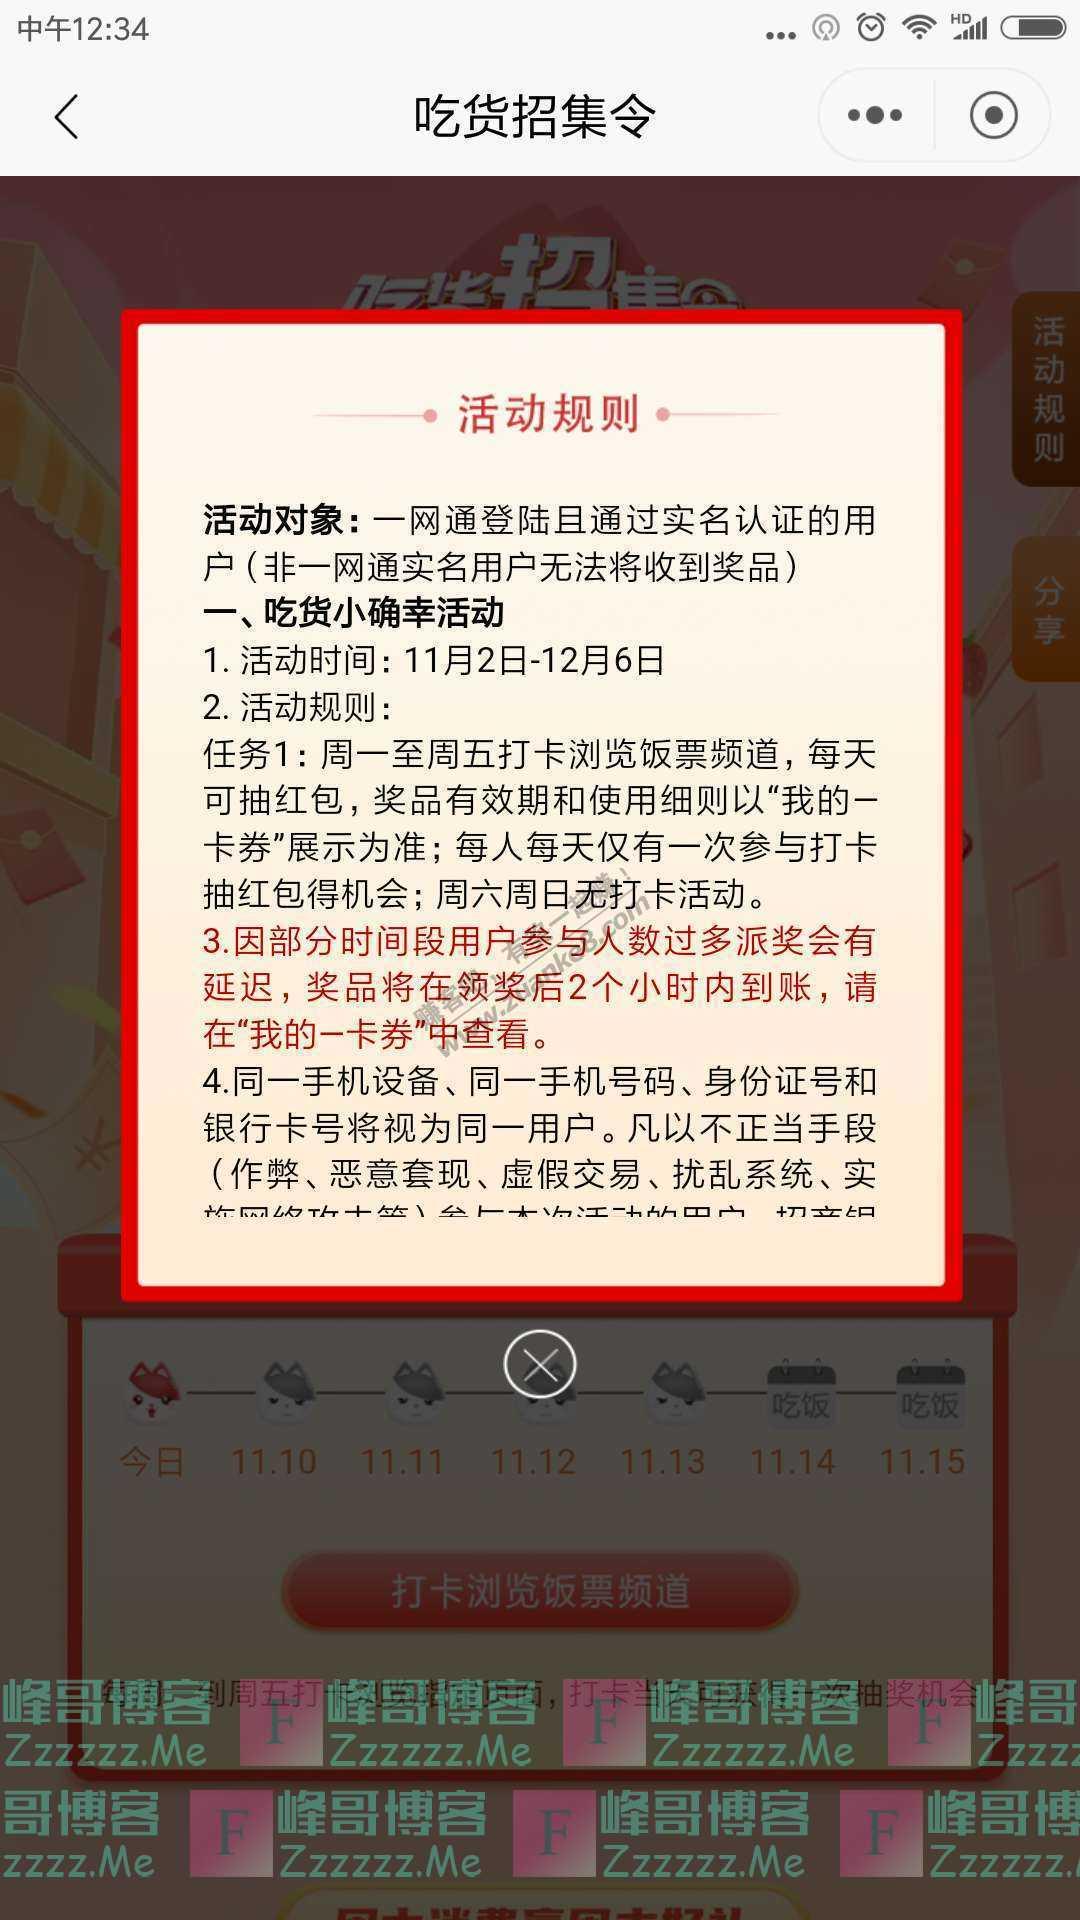 招商银行app吃货招集令(截止12月6日)